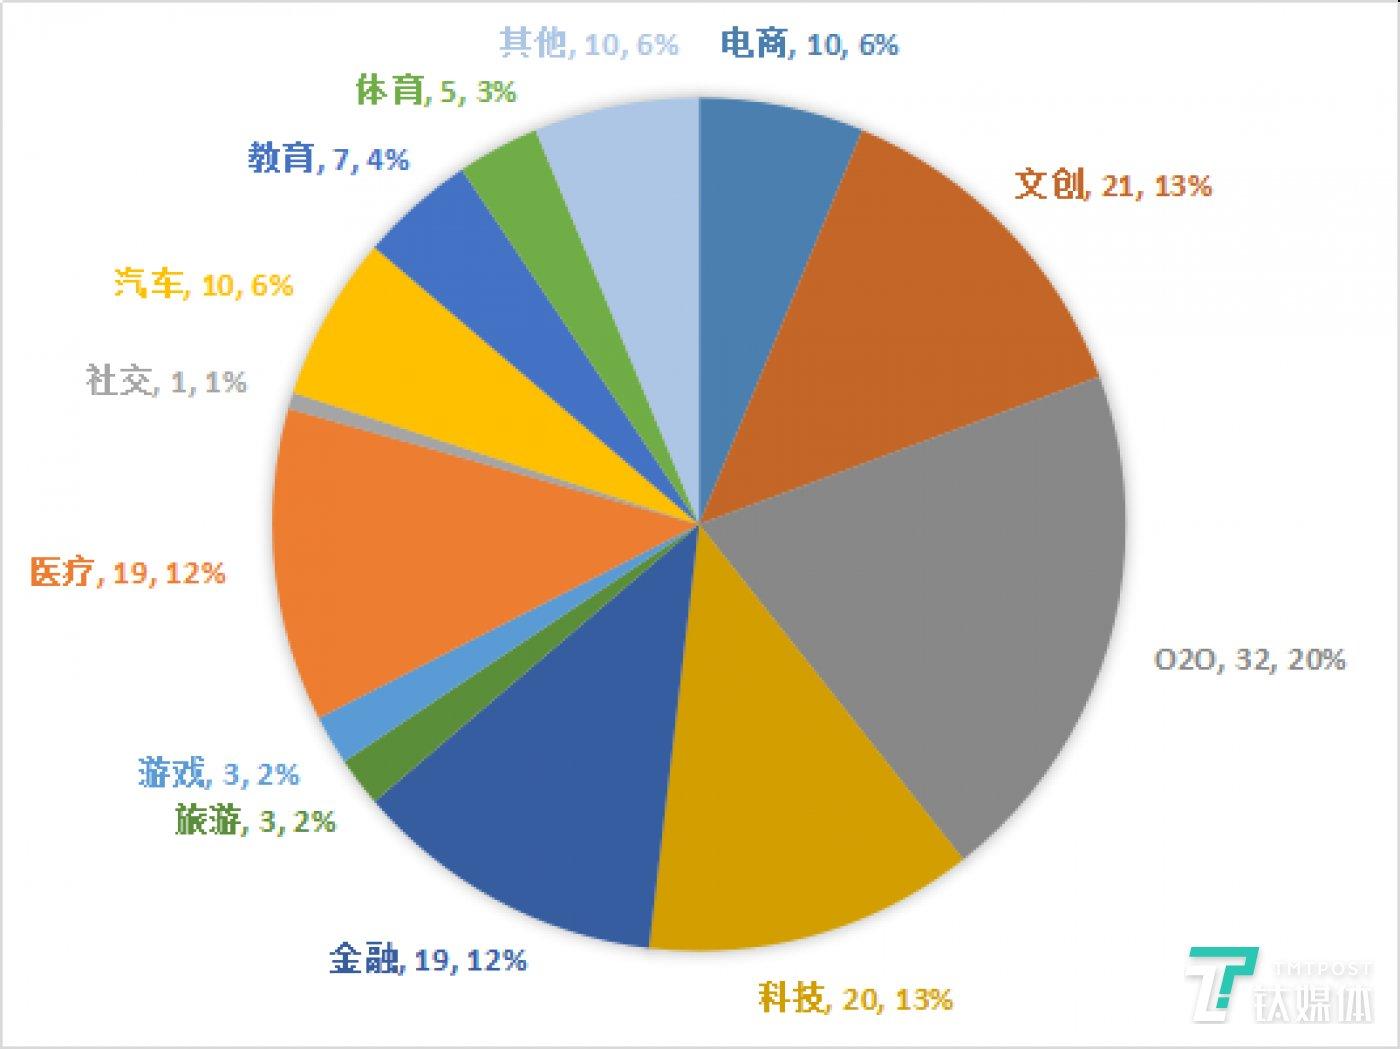 国内过亿元投资领域分布